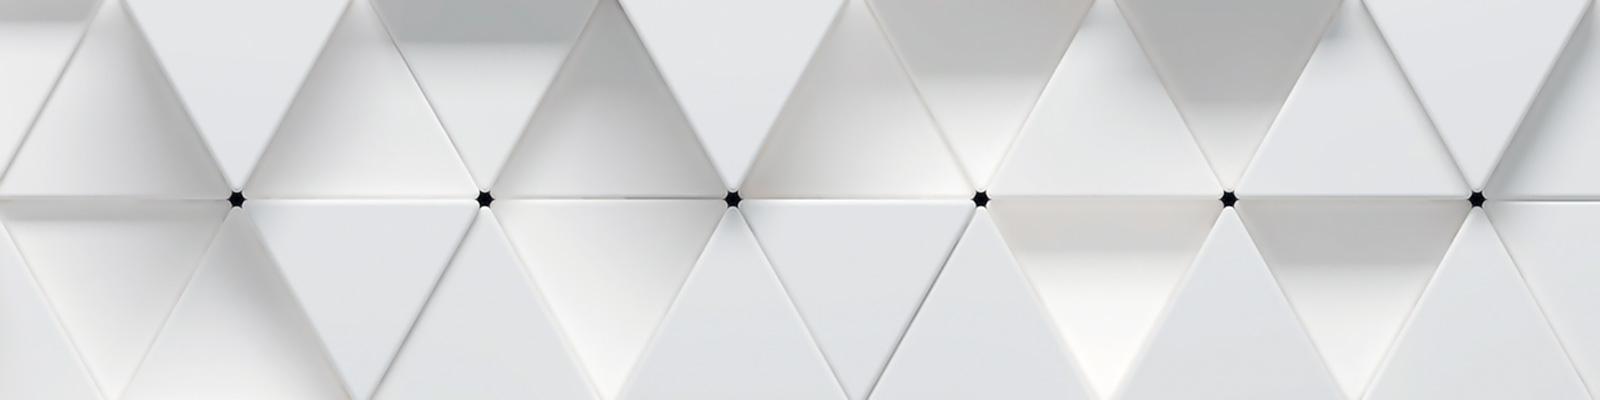 数学 イメージ